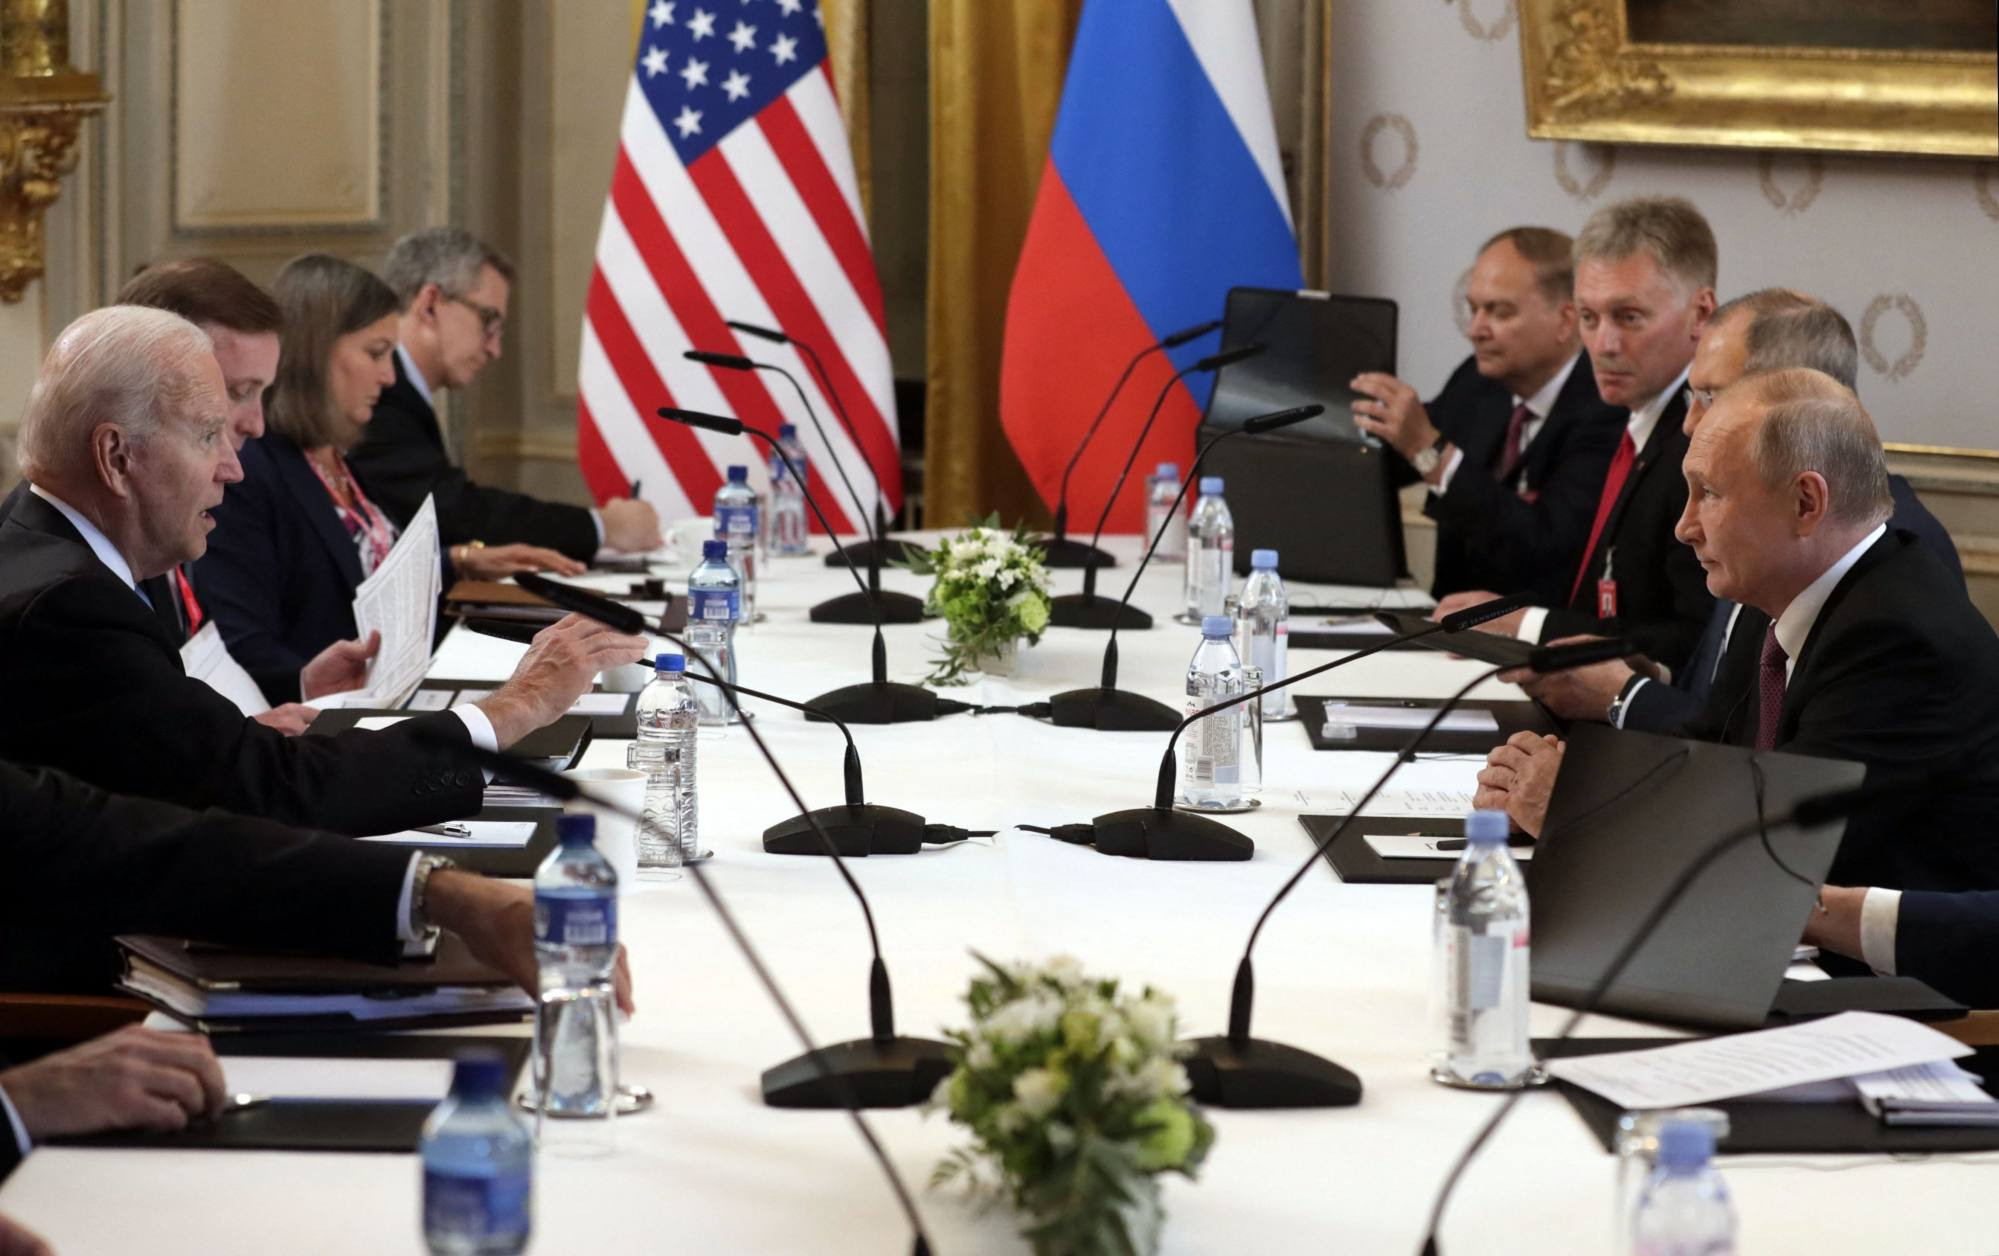 The two delegations at the Villa la Grange in Geneva on Wednesday. Photo: Sputnik/AFP